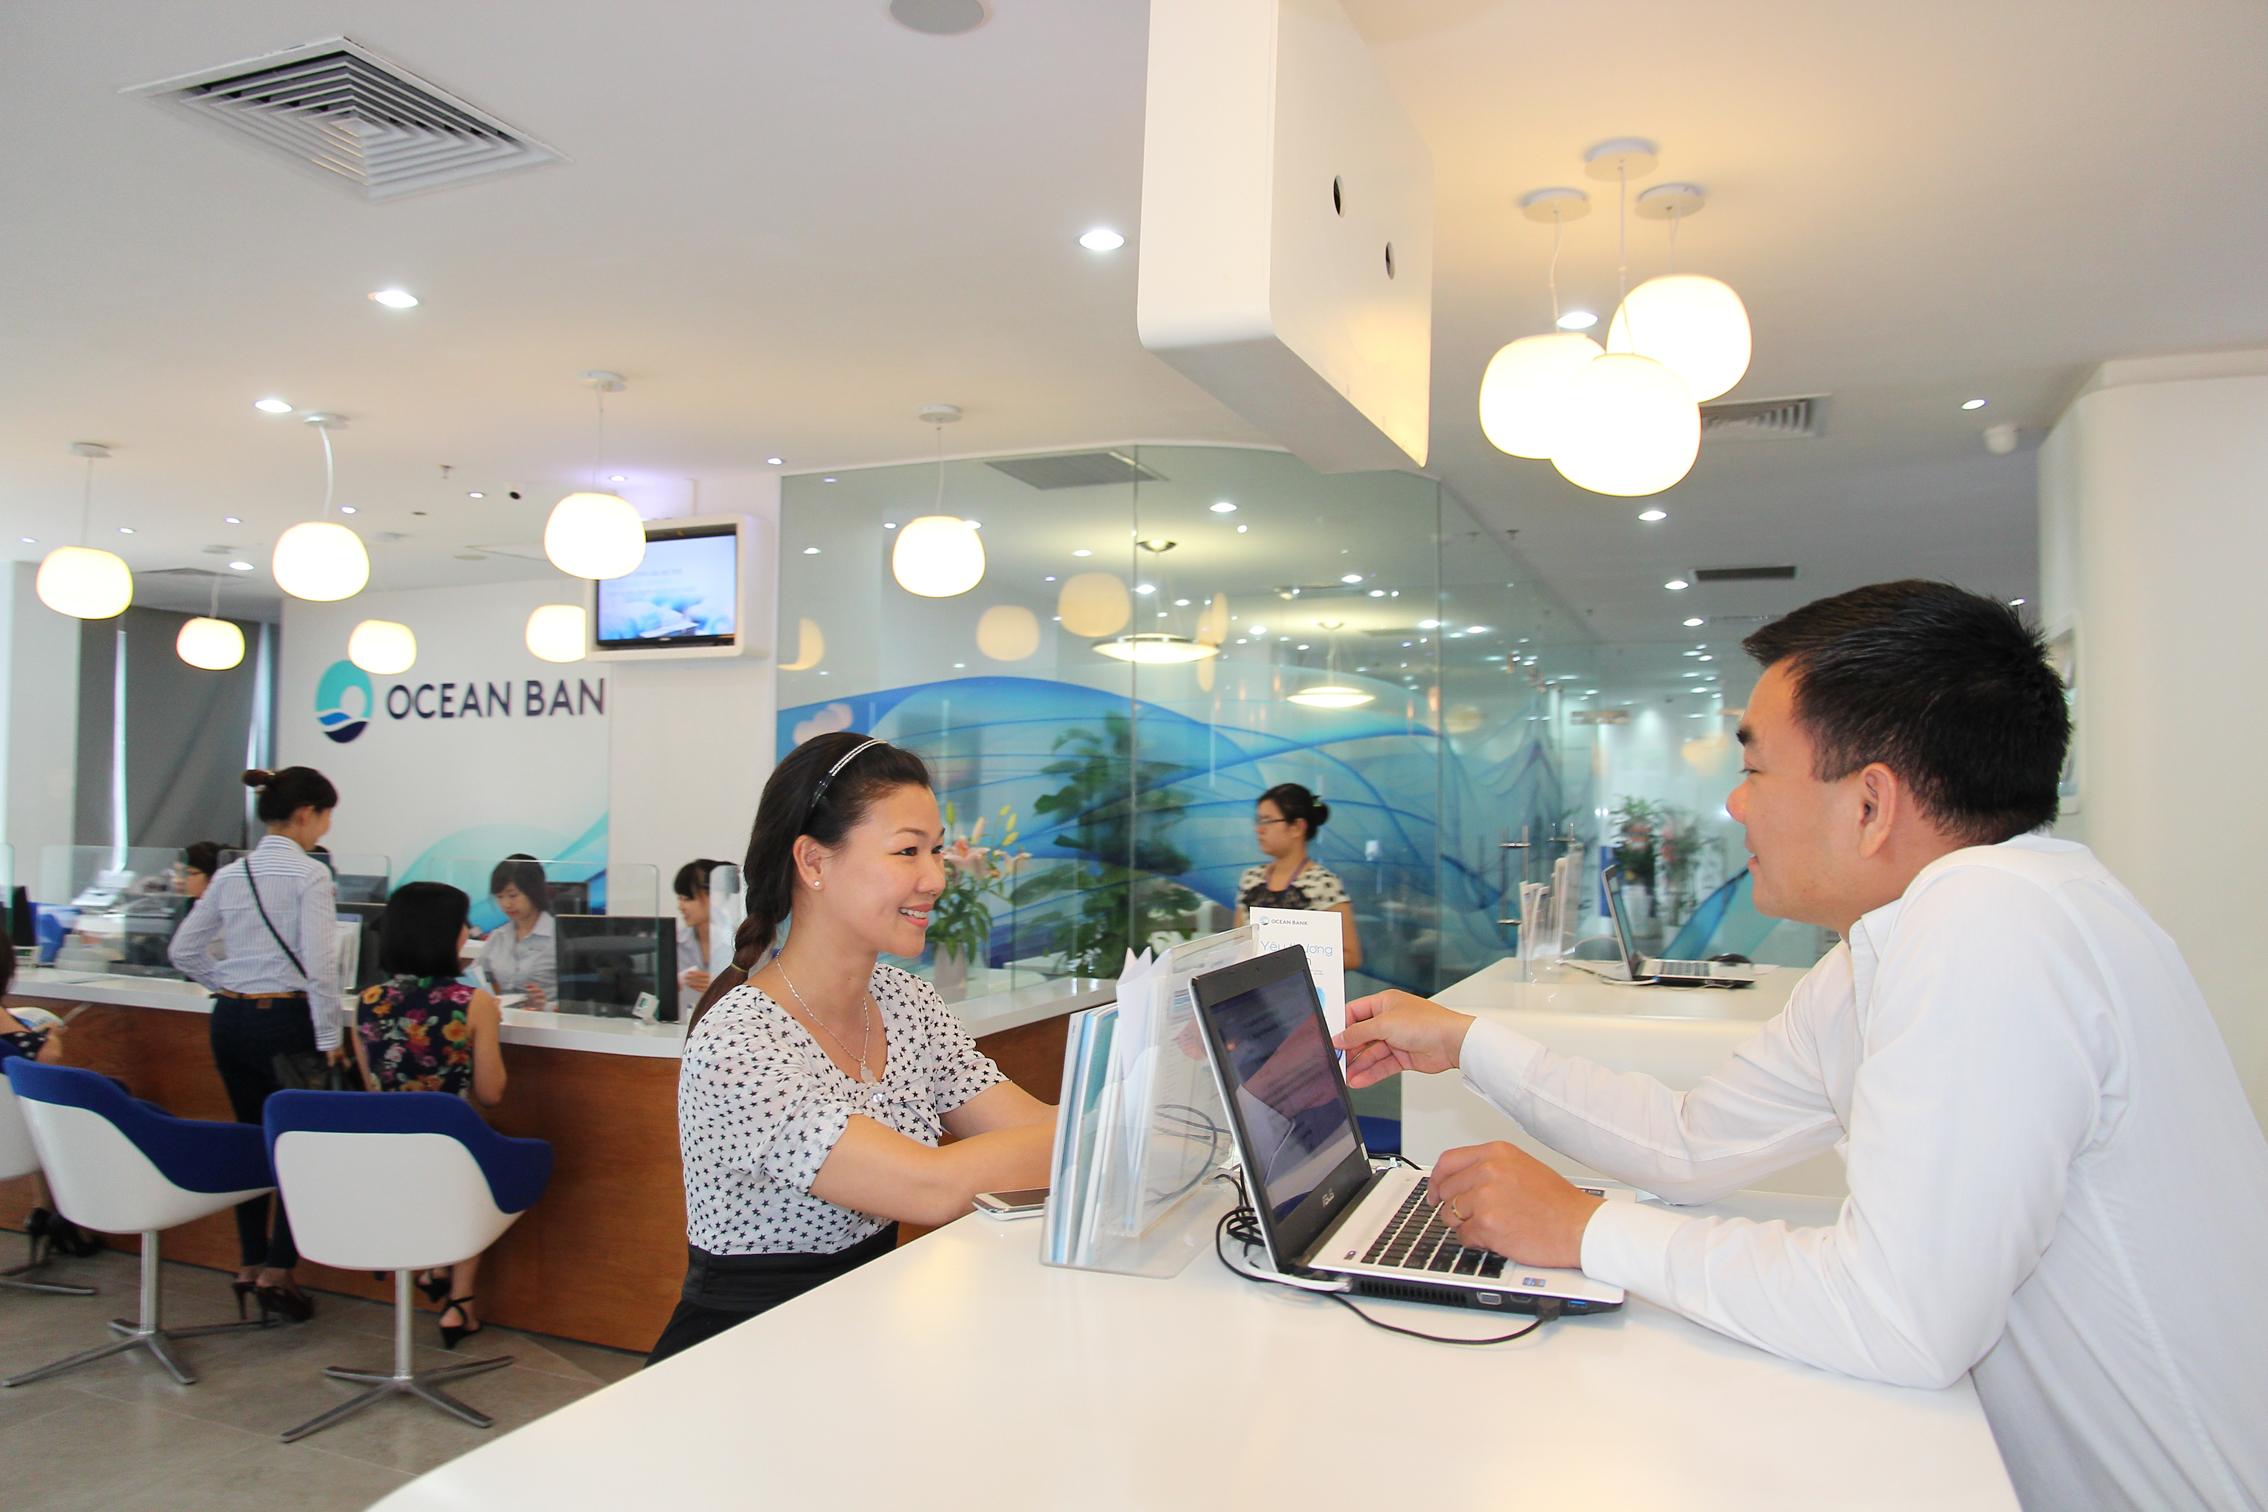 Khách hàng gửi tiền tiết kiệm 1 tỷ đồng từ ngày 11/11/2013 đến 20/02/2014 tại Ngân hàng TMCP Đại Dương – OceanBank sẽ được nhận 1 chỉ vàng.